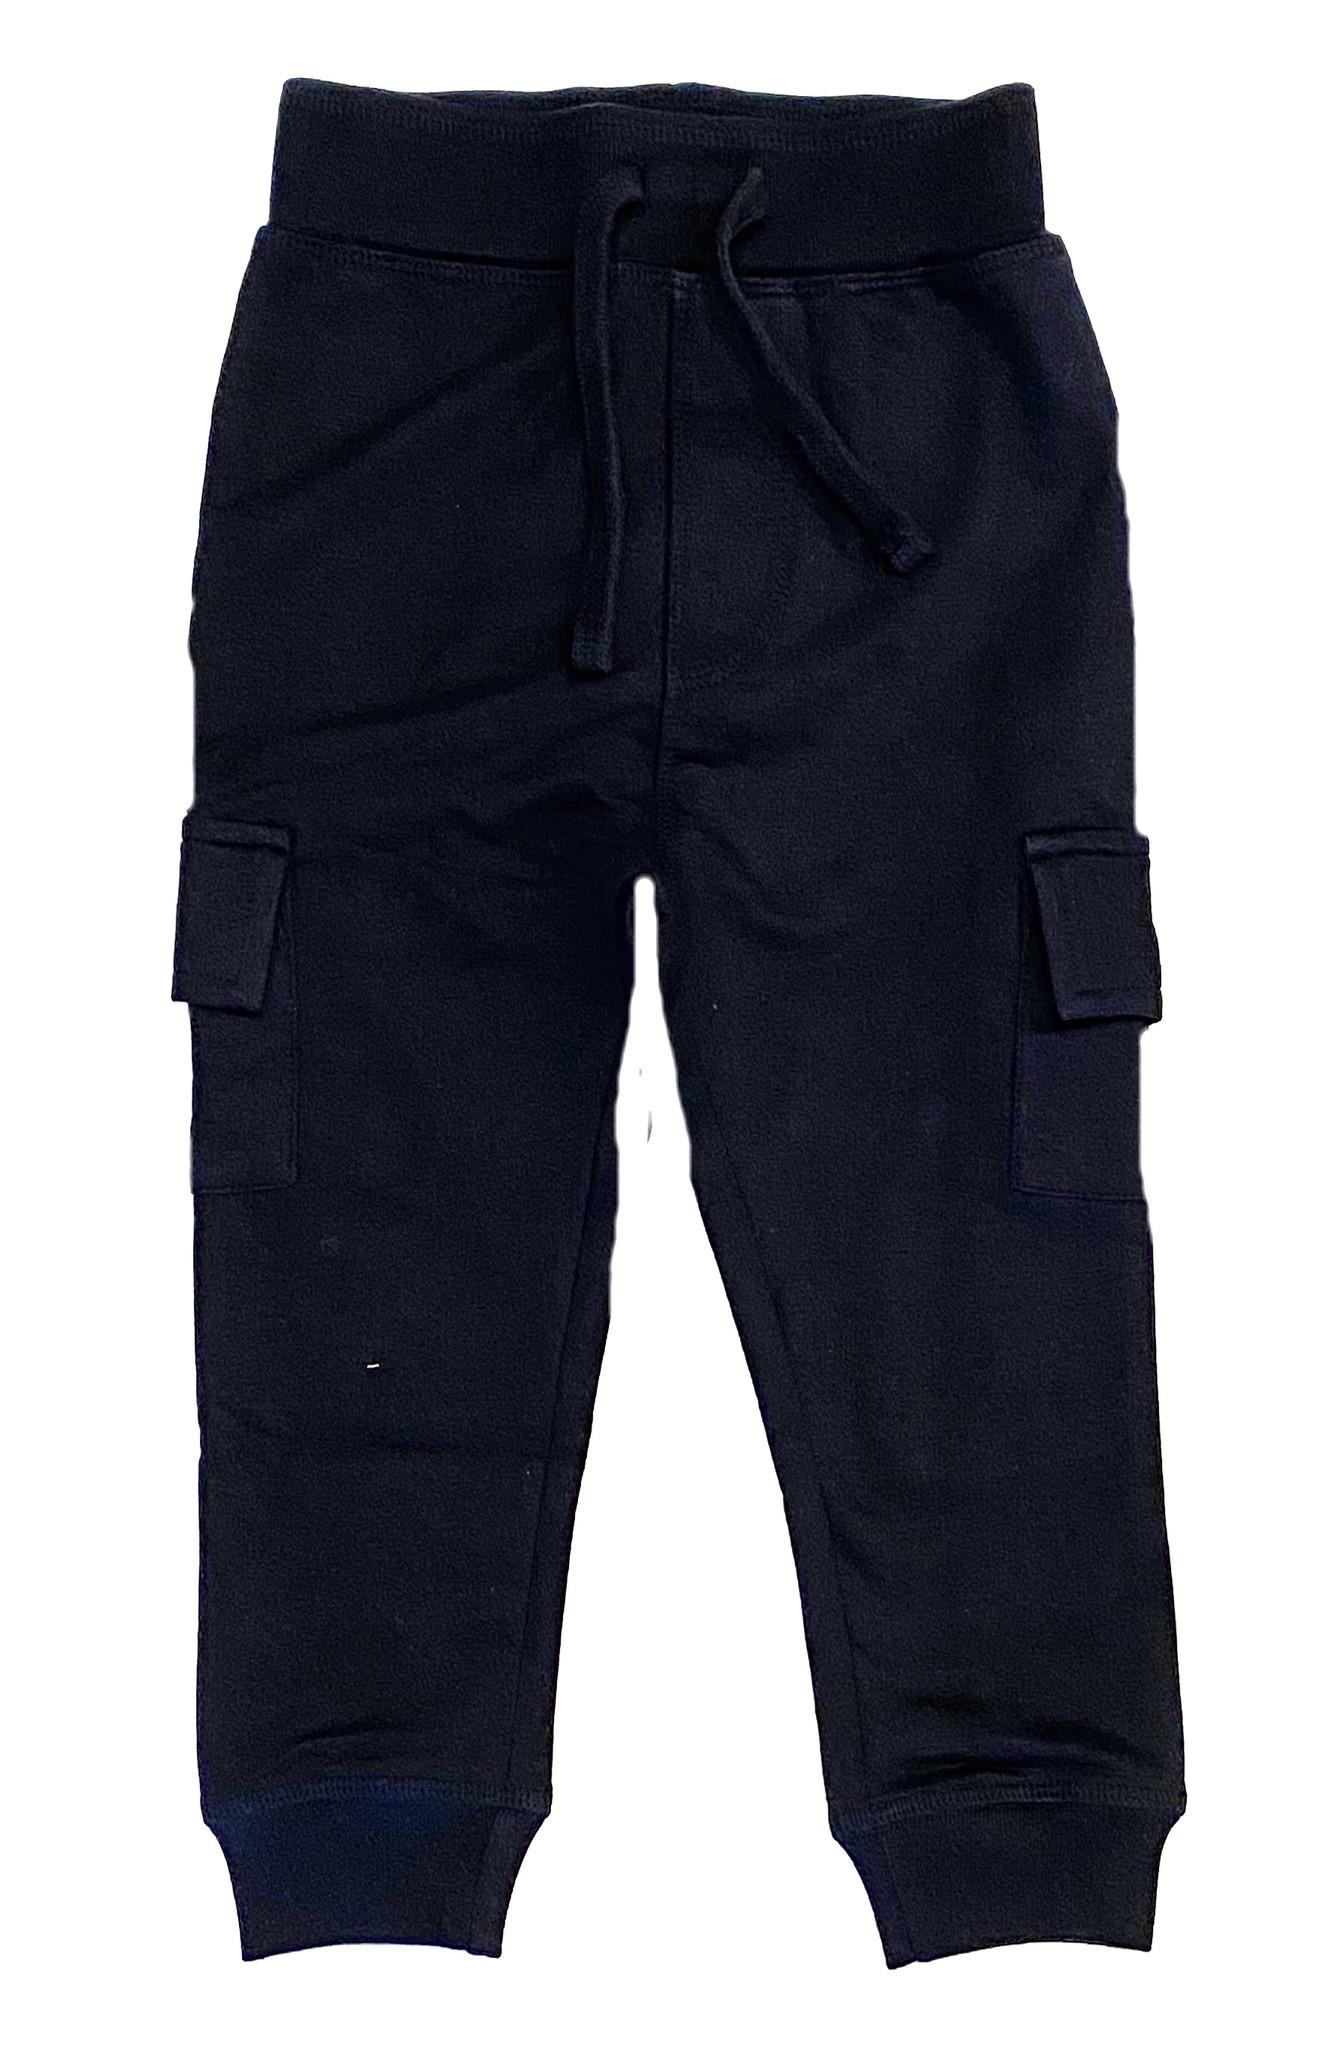 Mish Navy Cargo Pocket Jogger